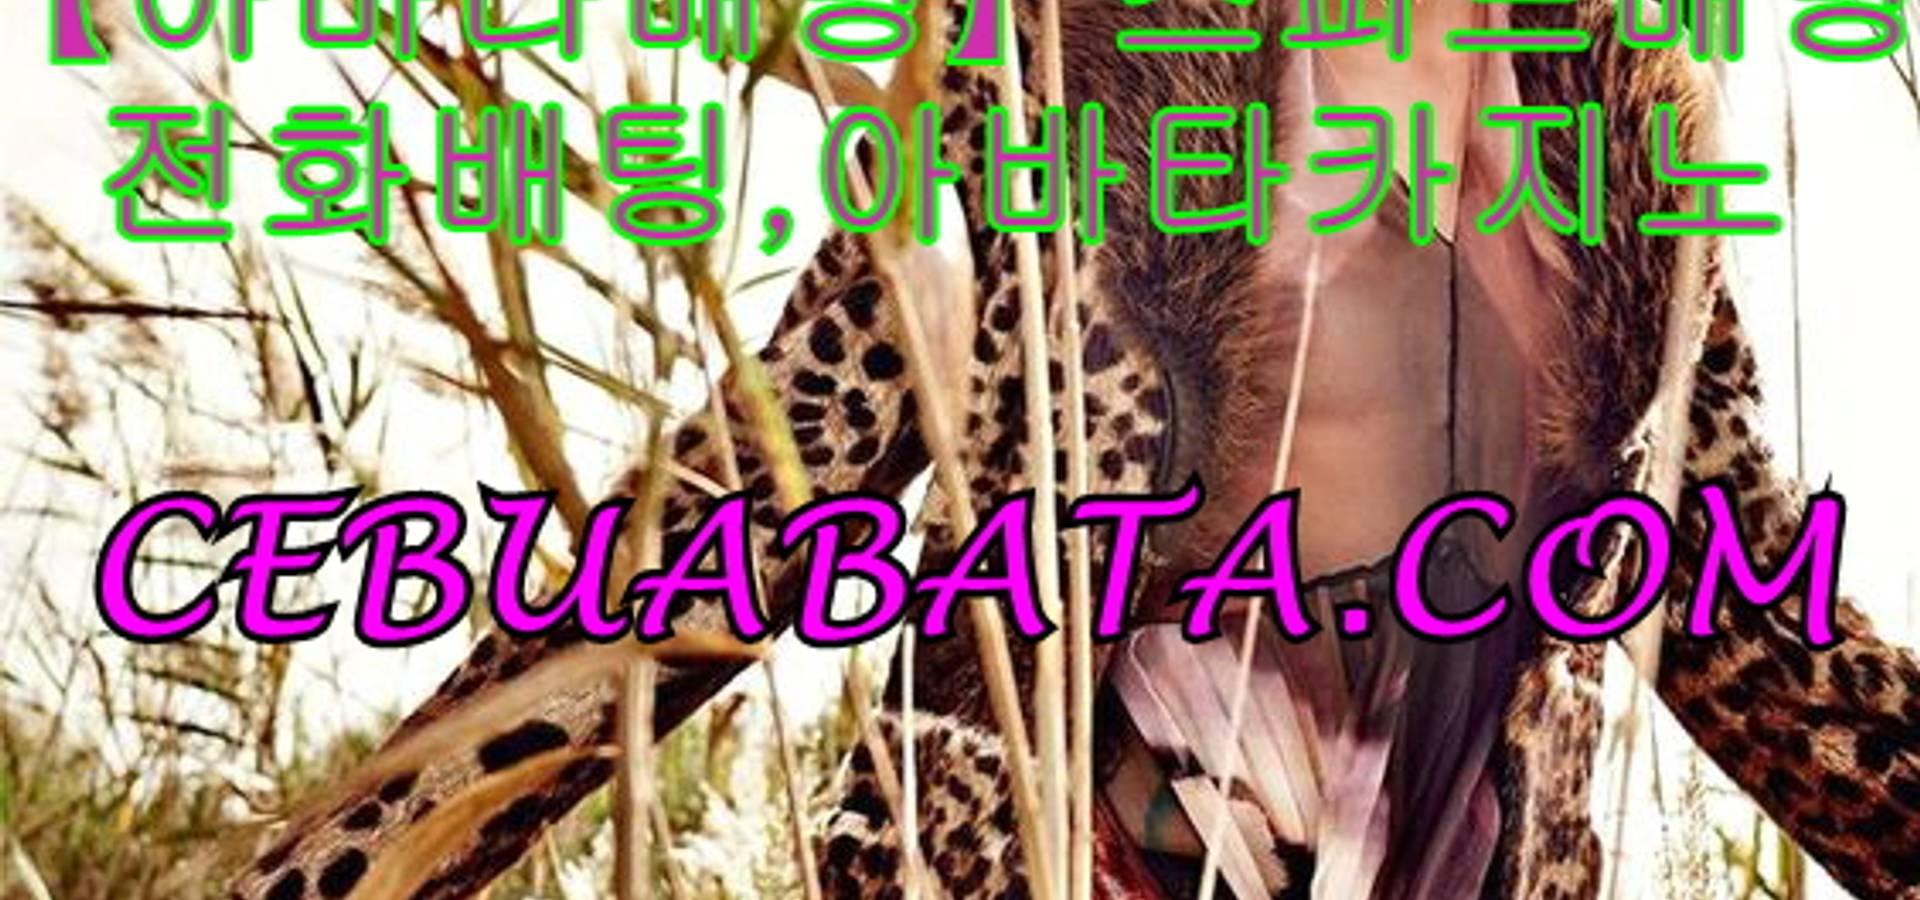 cebuabata.com